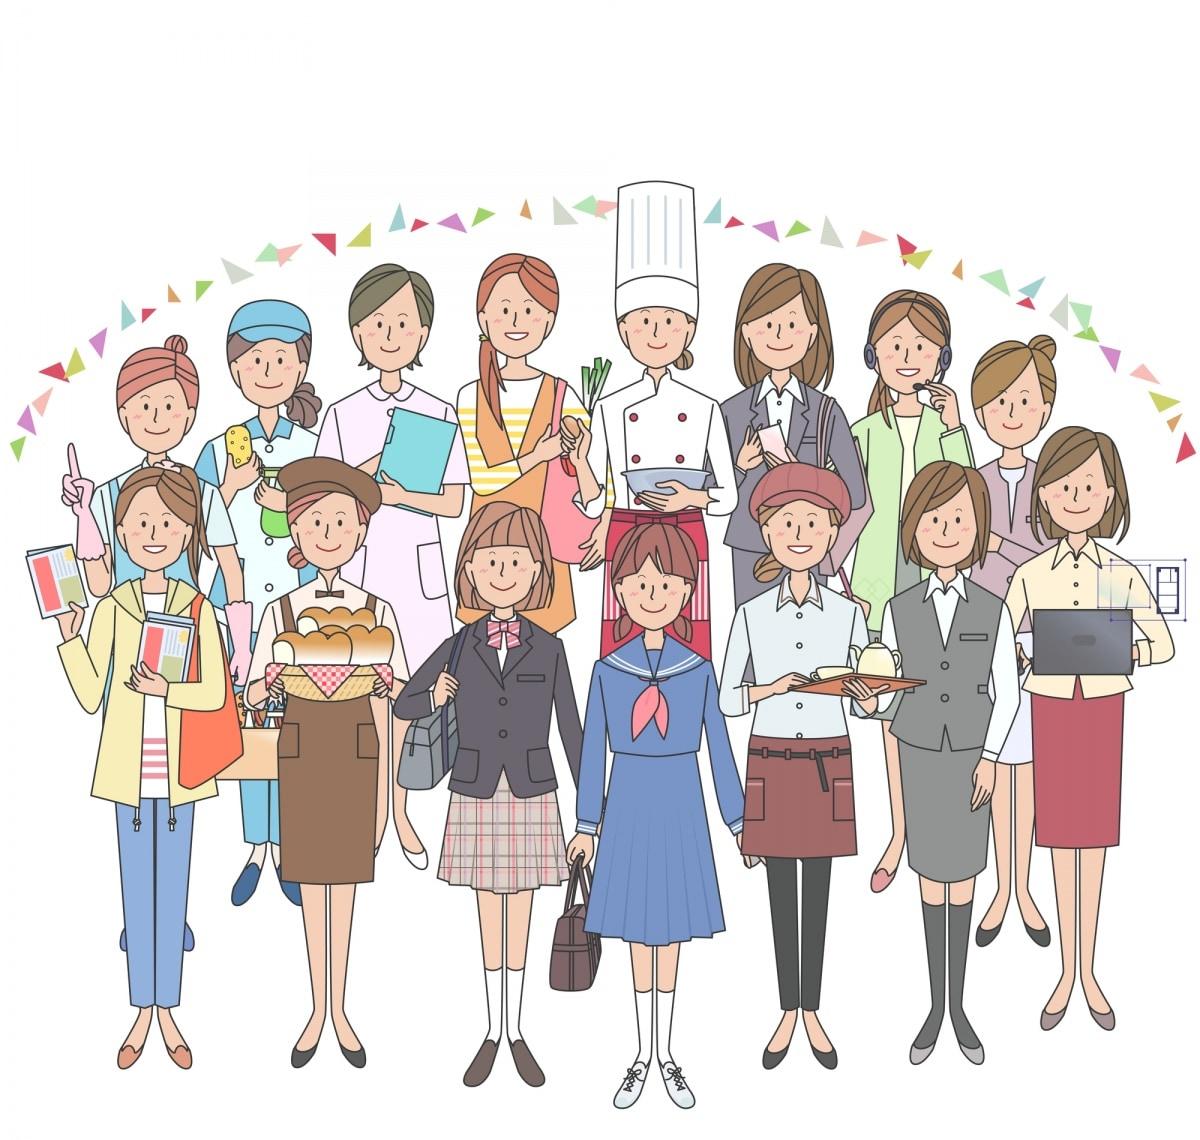 เงินเดือนเฉลี่ยแต่ละสายอาชีพในญี่ปุ่น